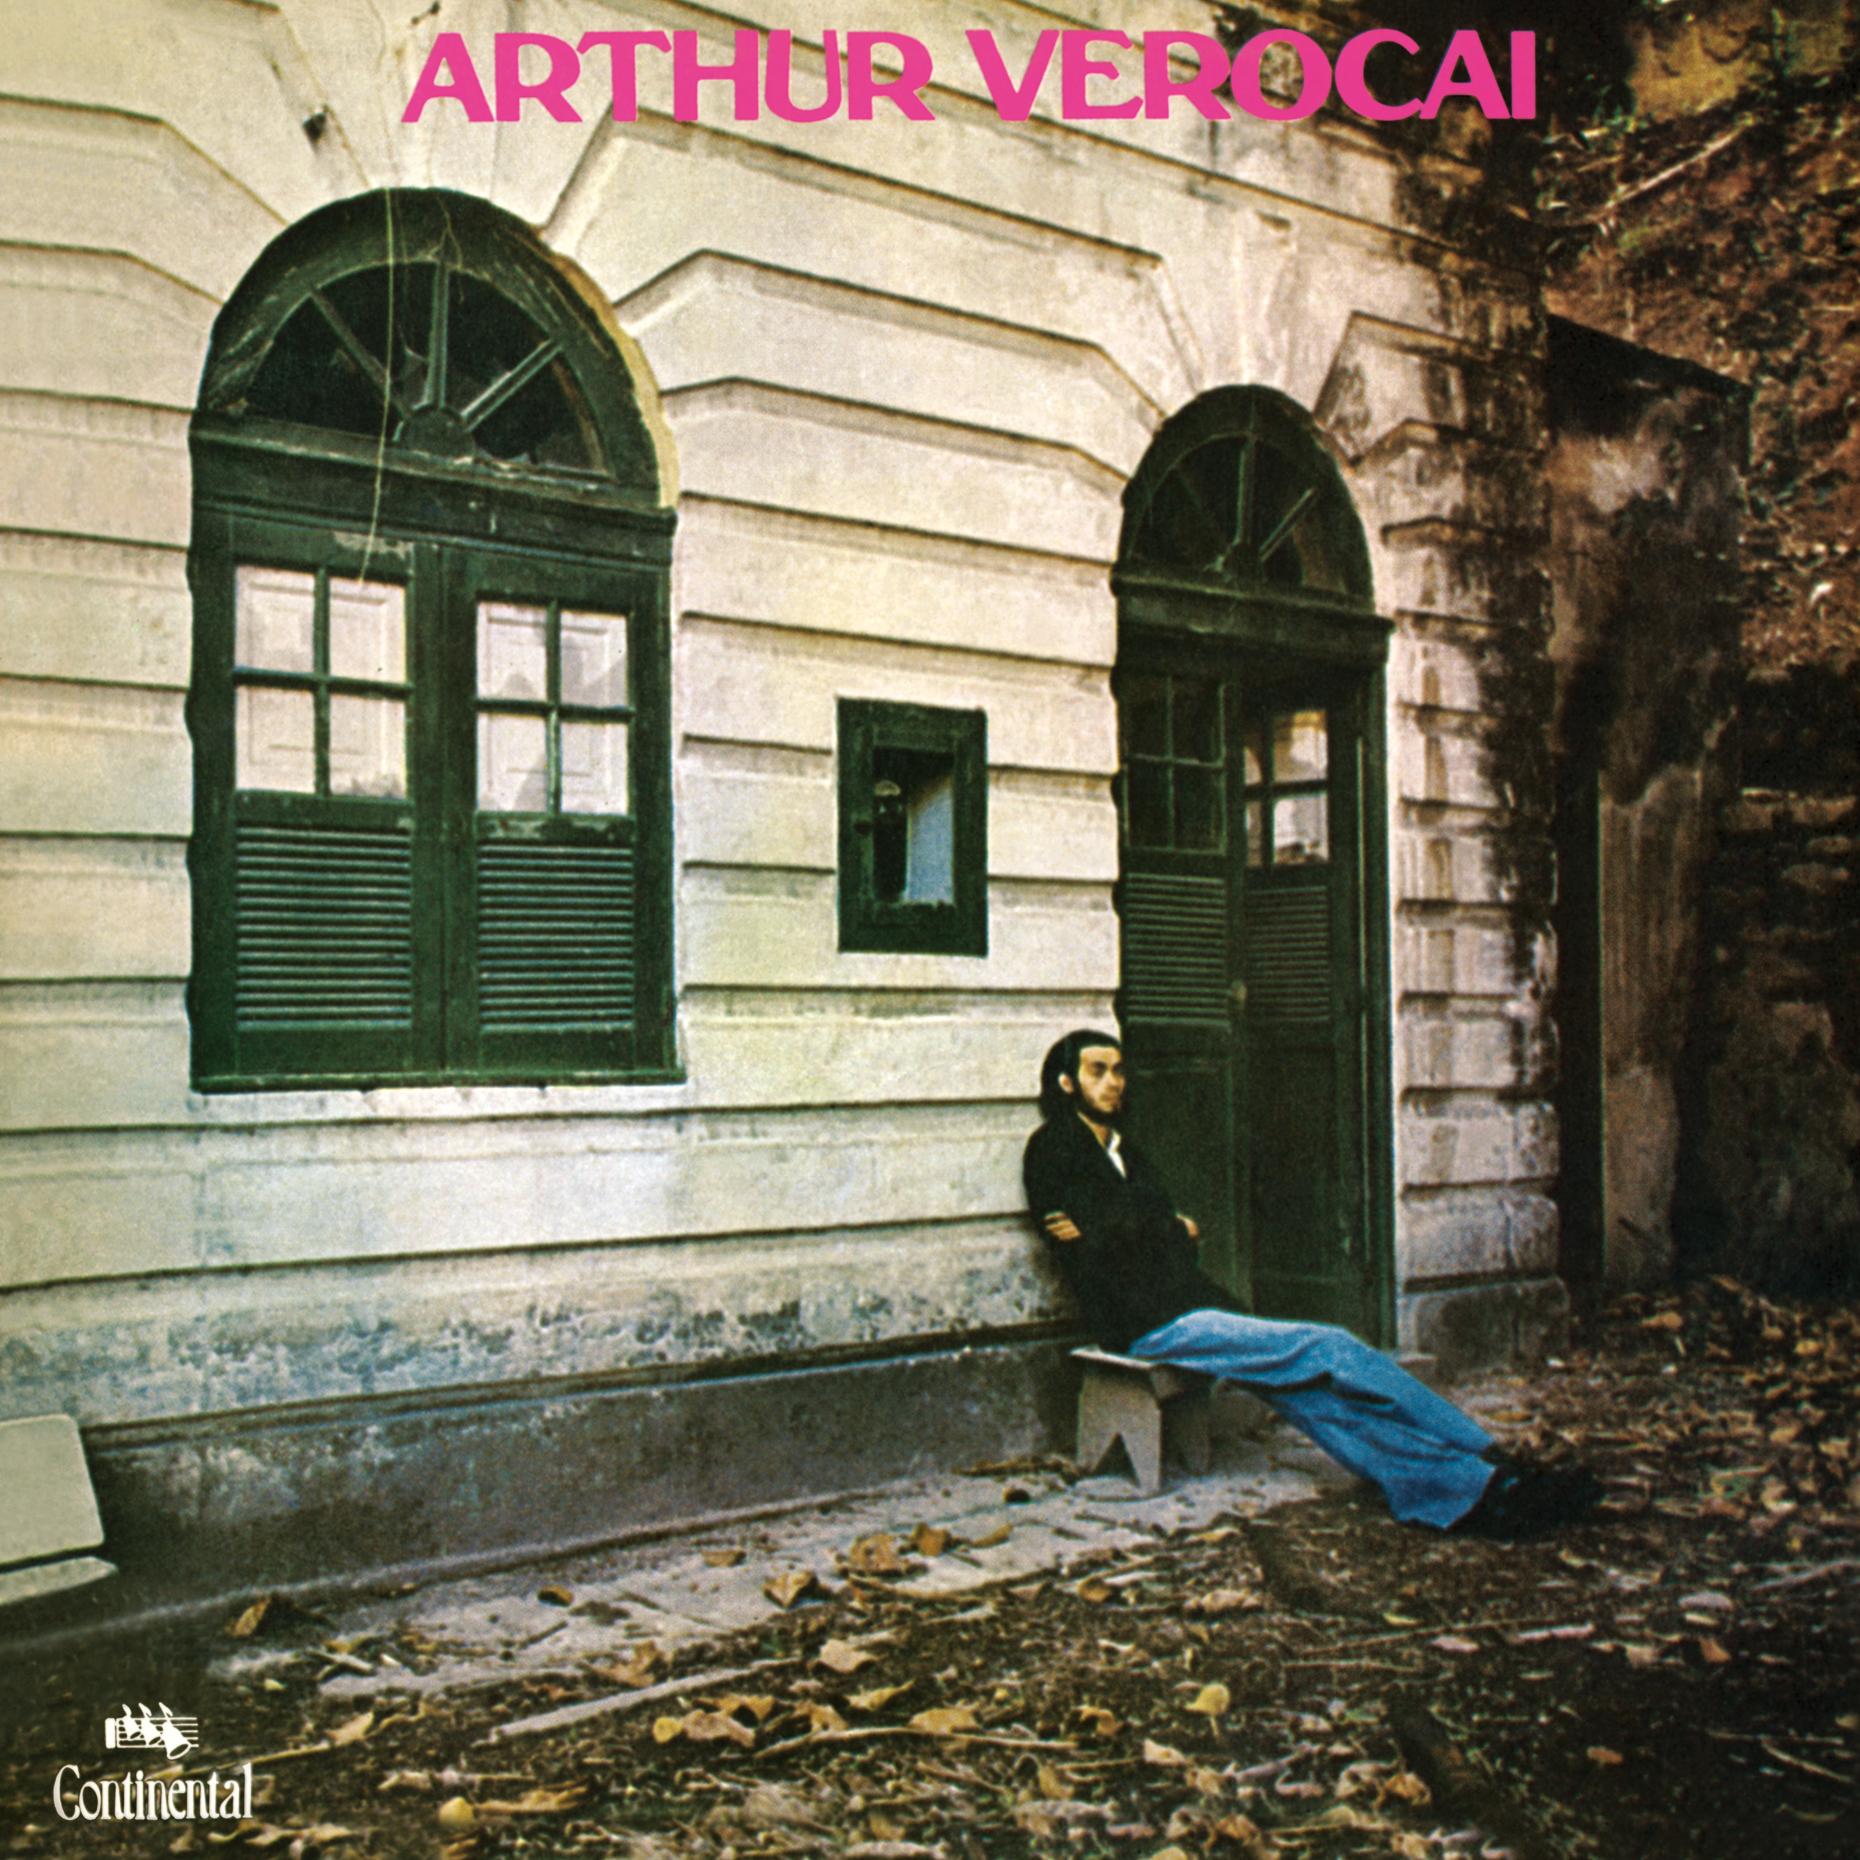 ARTHUR VEROCAI「Arthur Verocai」